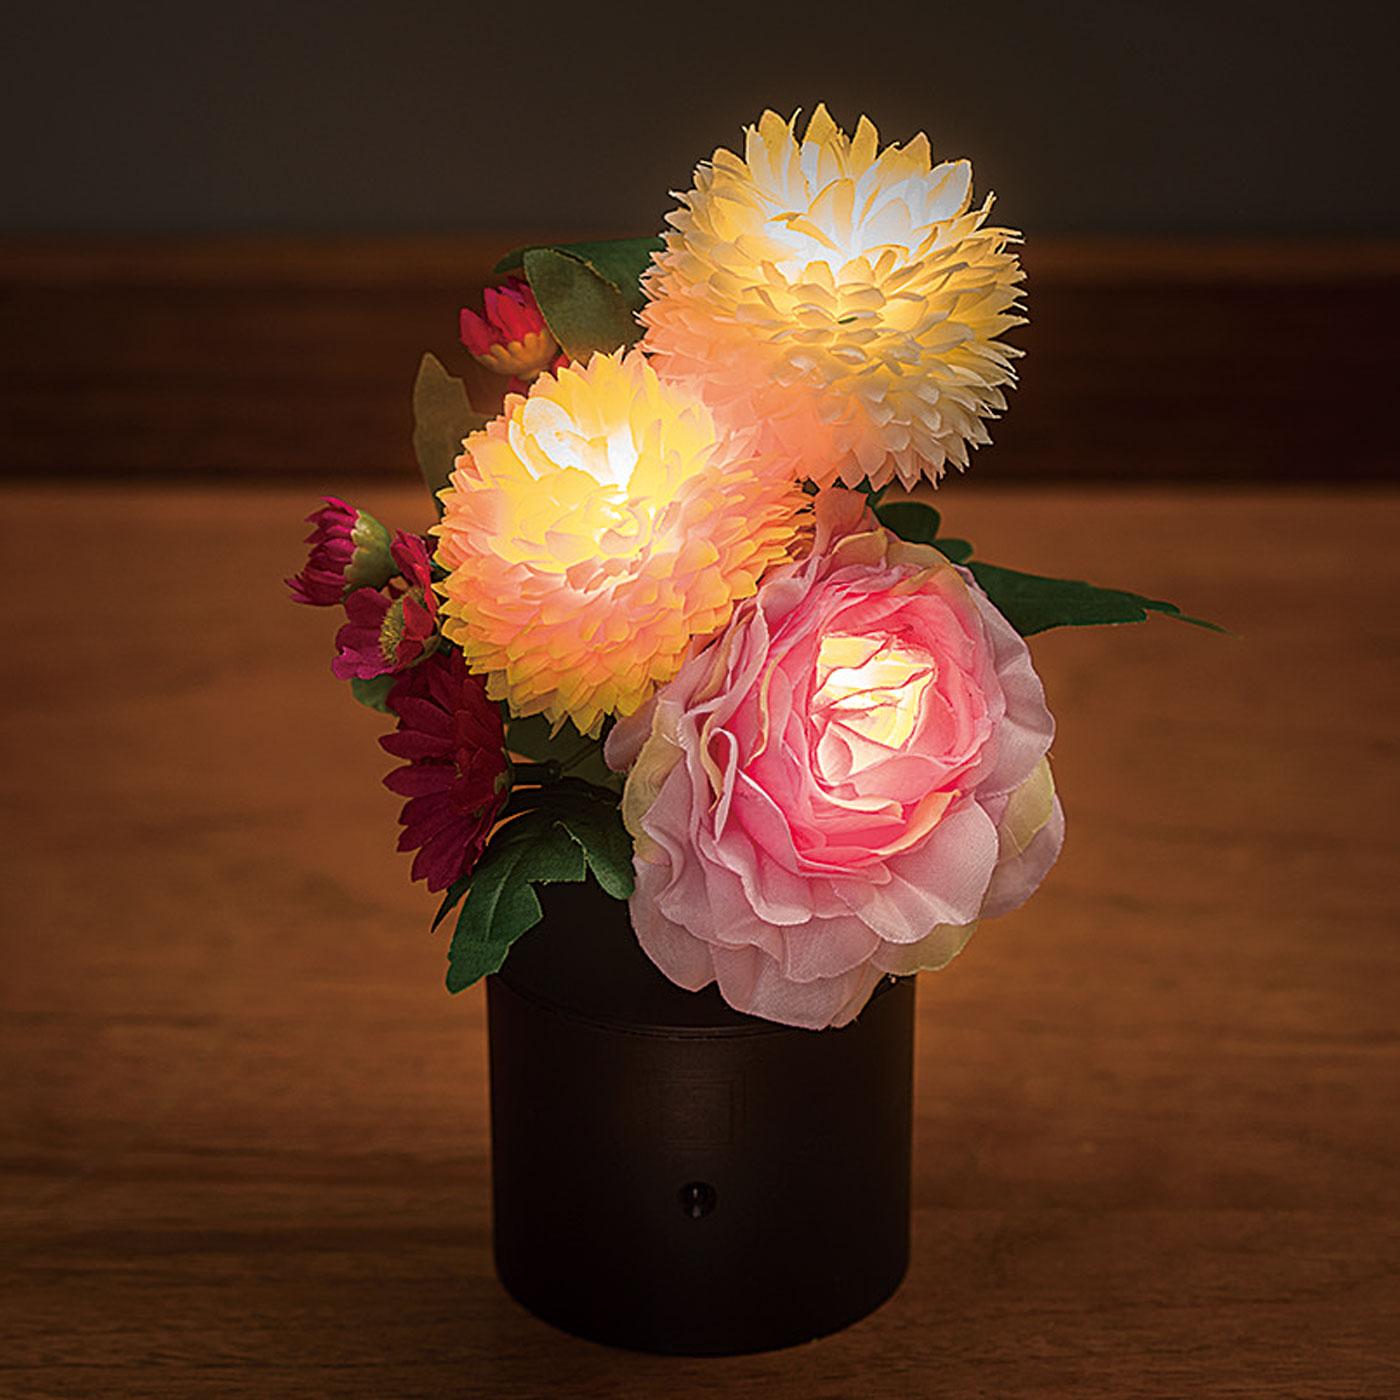 ほんのりやさしい光が灯ります。LEDライトで火を使わず安心。